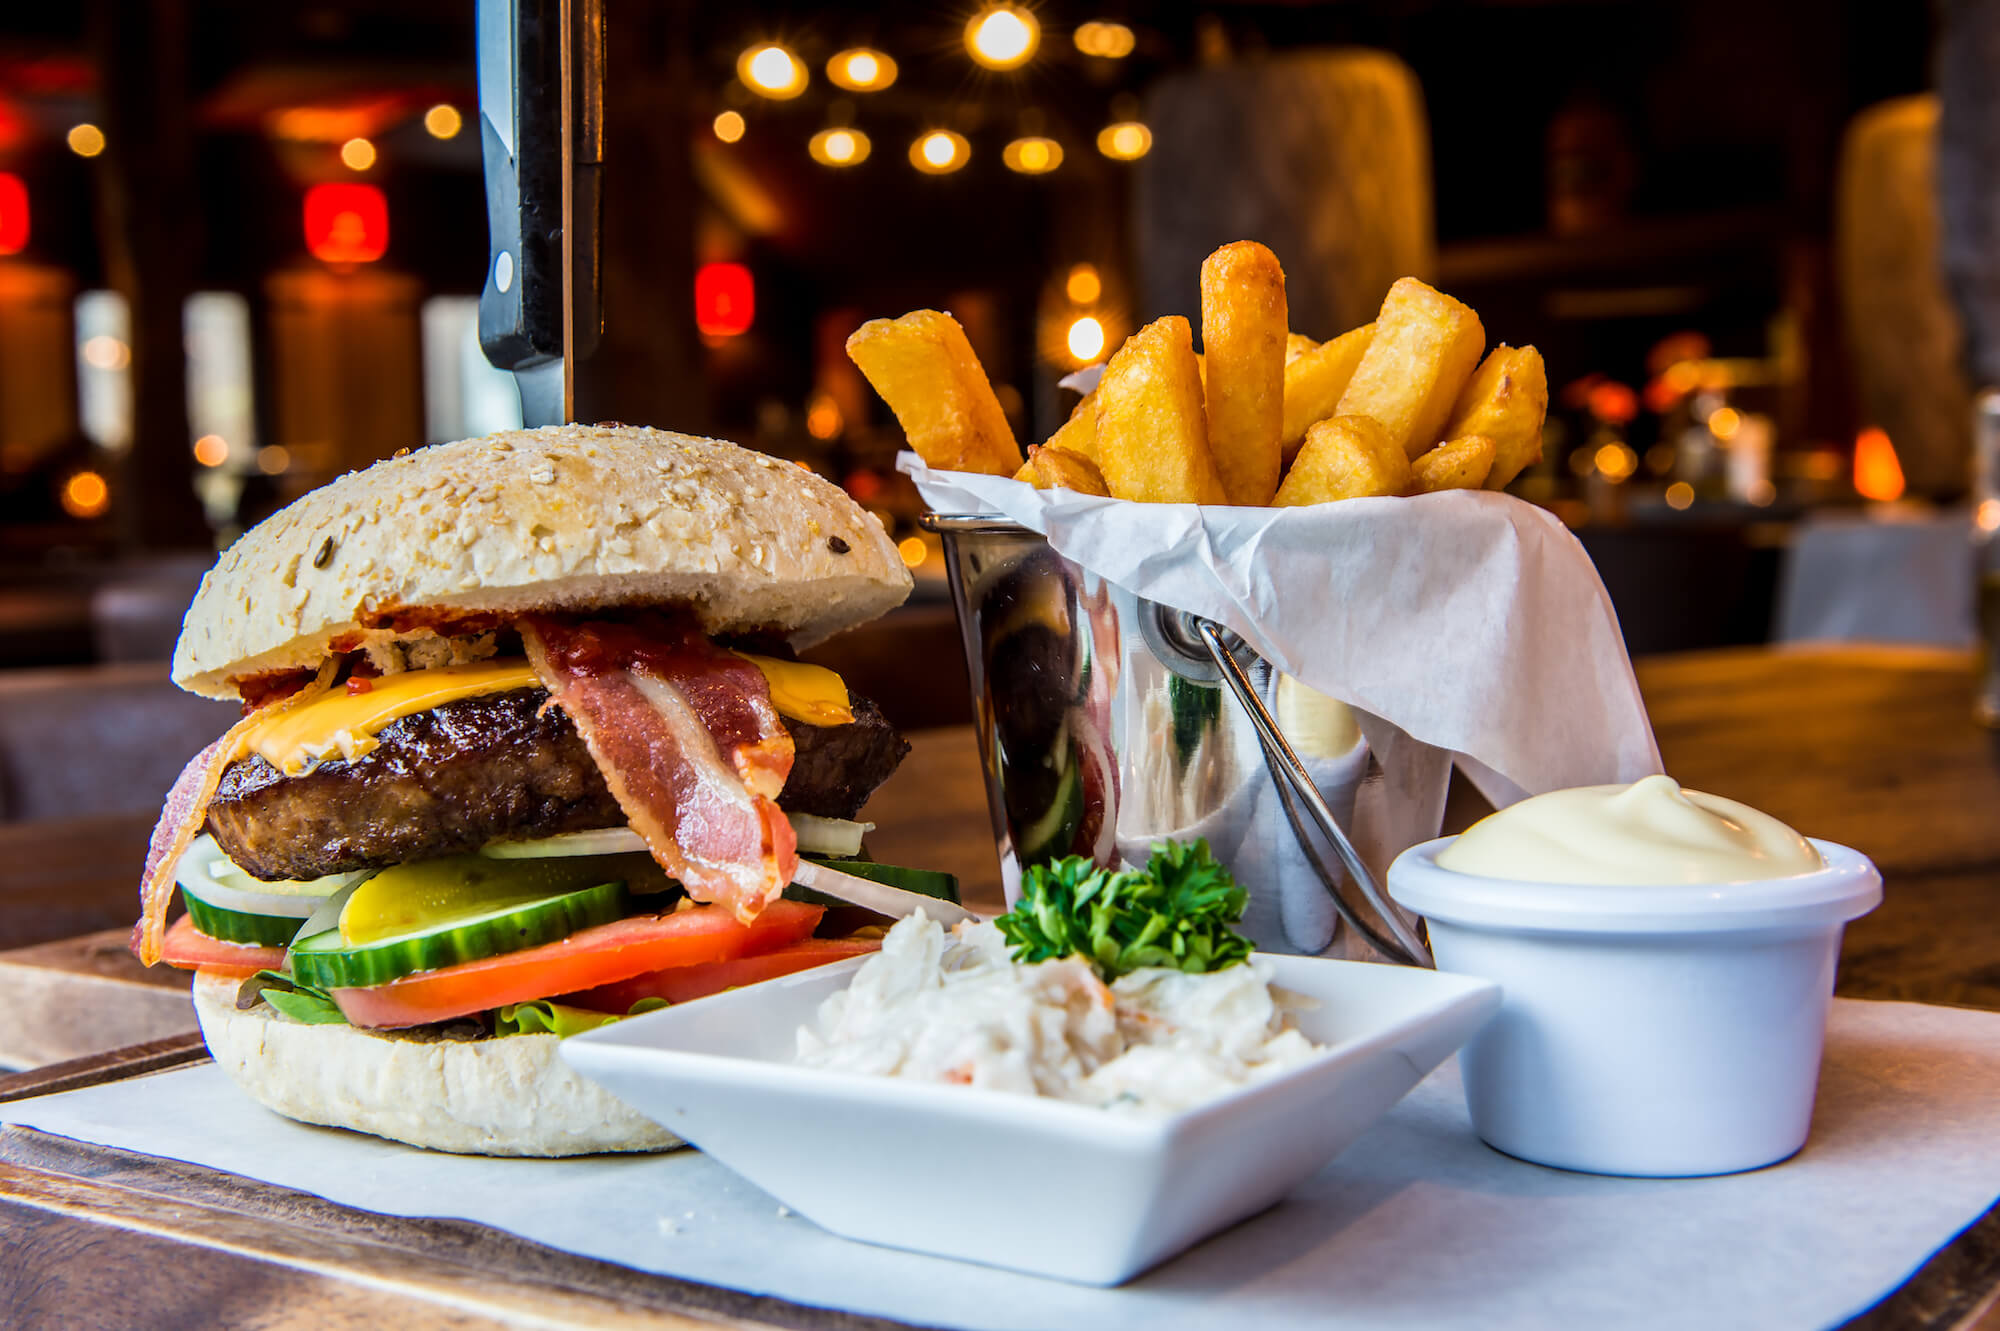 menukaart-restaurant-oelnbret-dalen-coevorden-drenthe